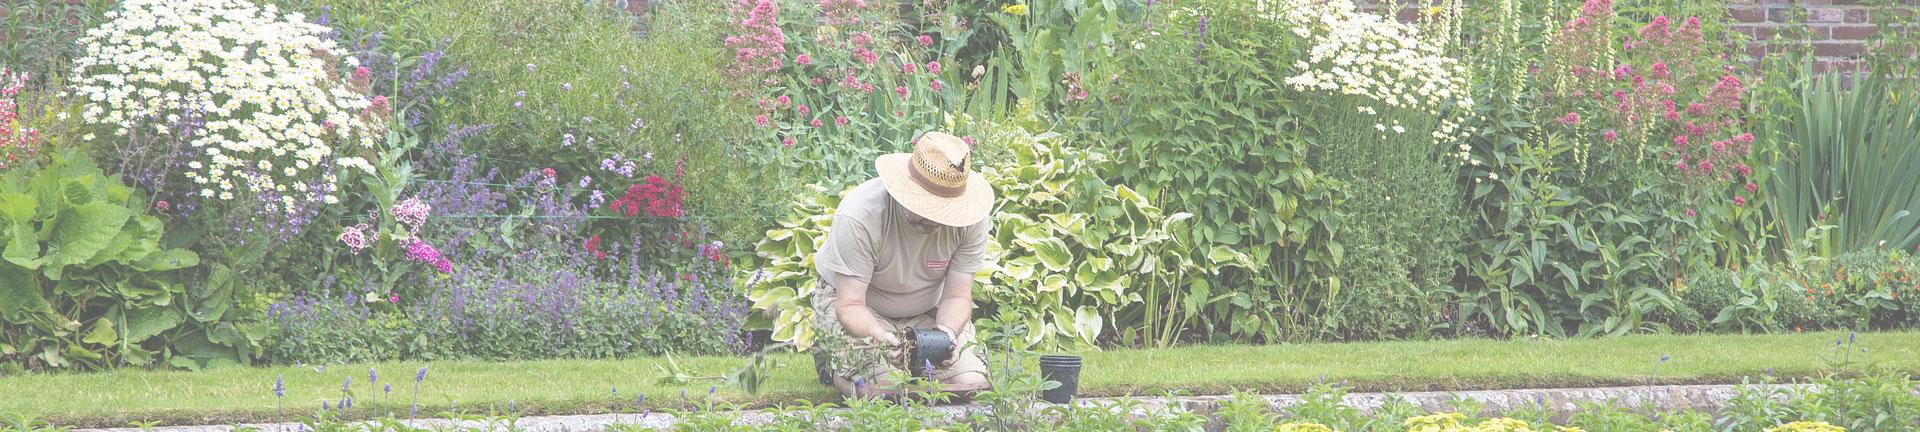 Le métier de Jardinier